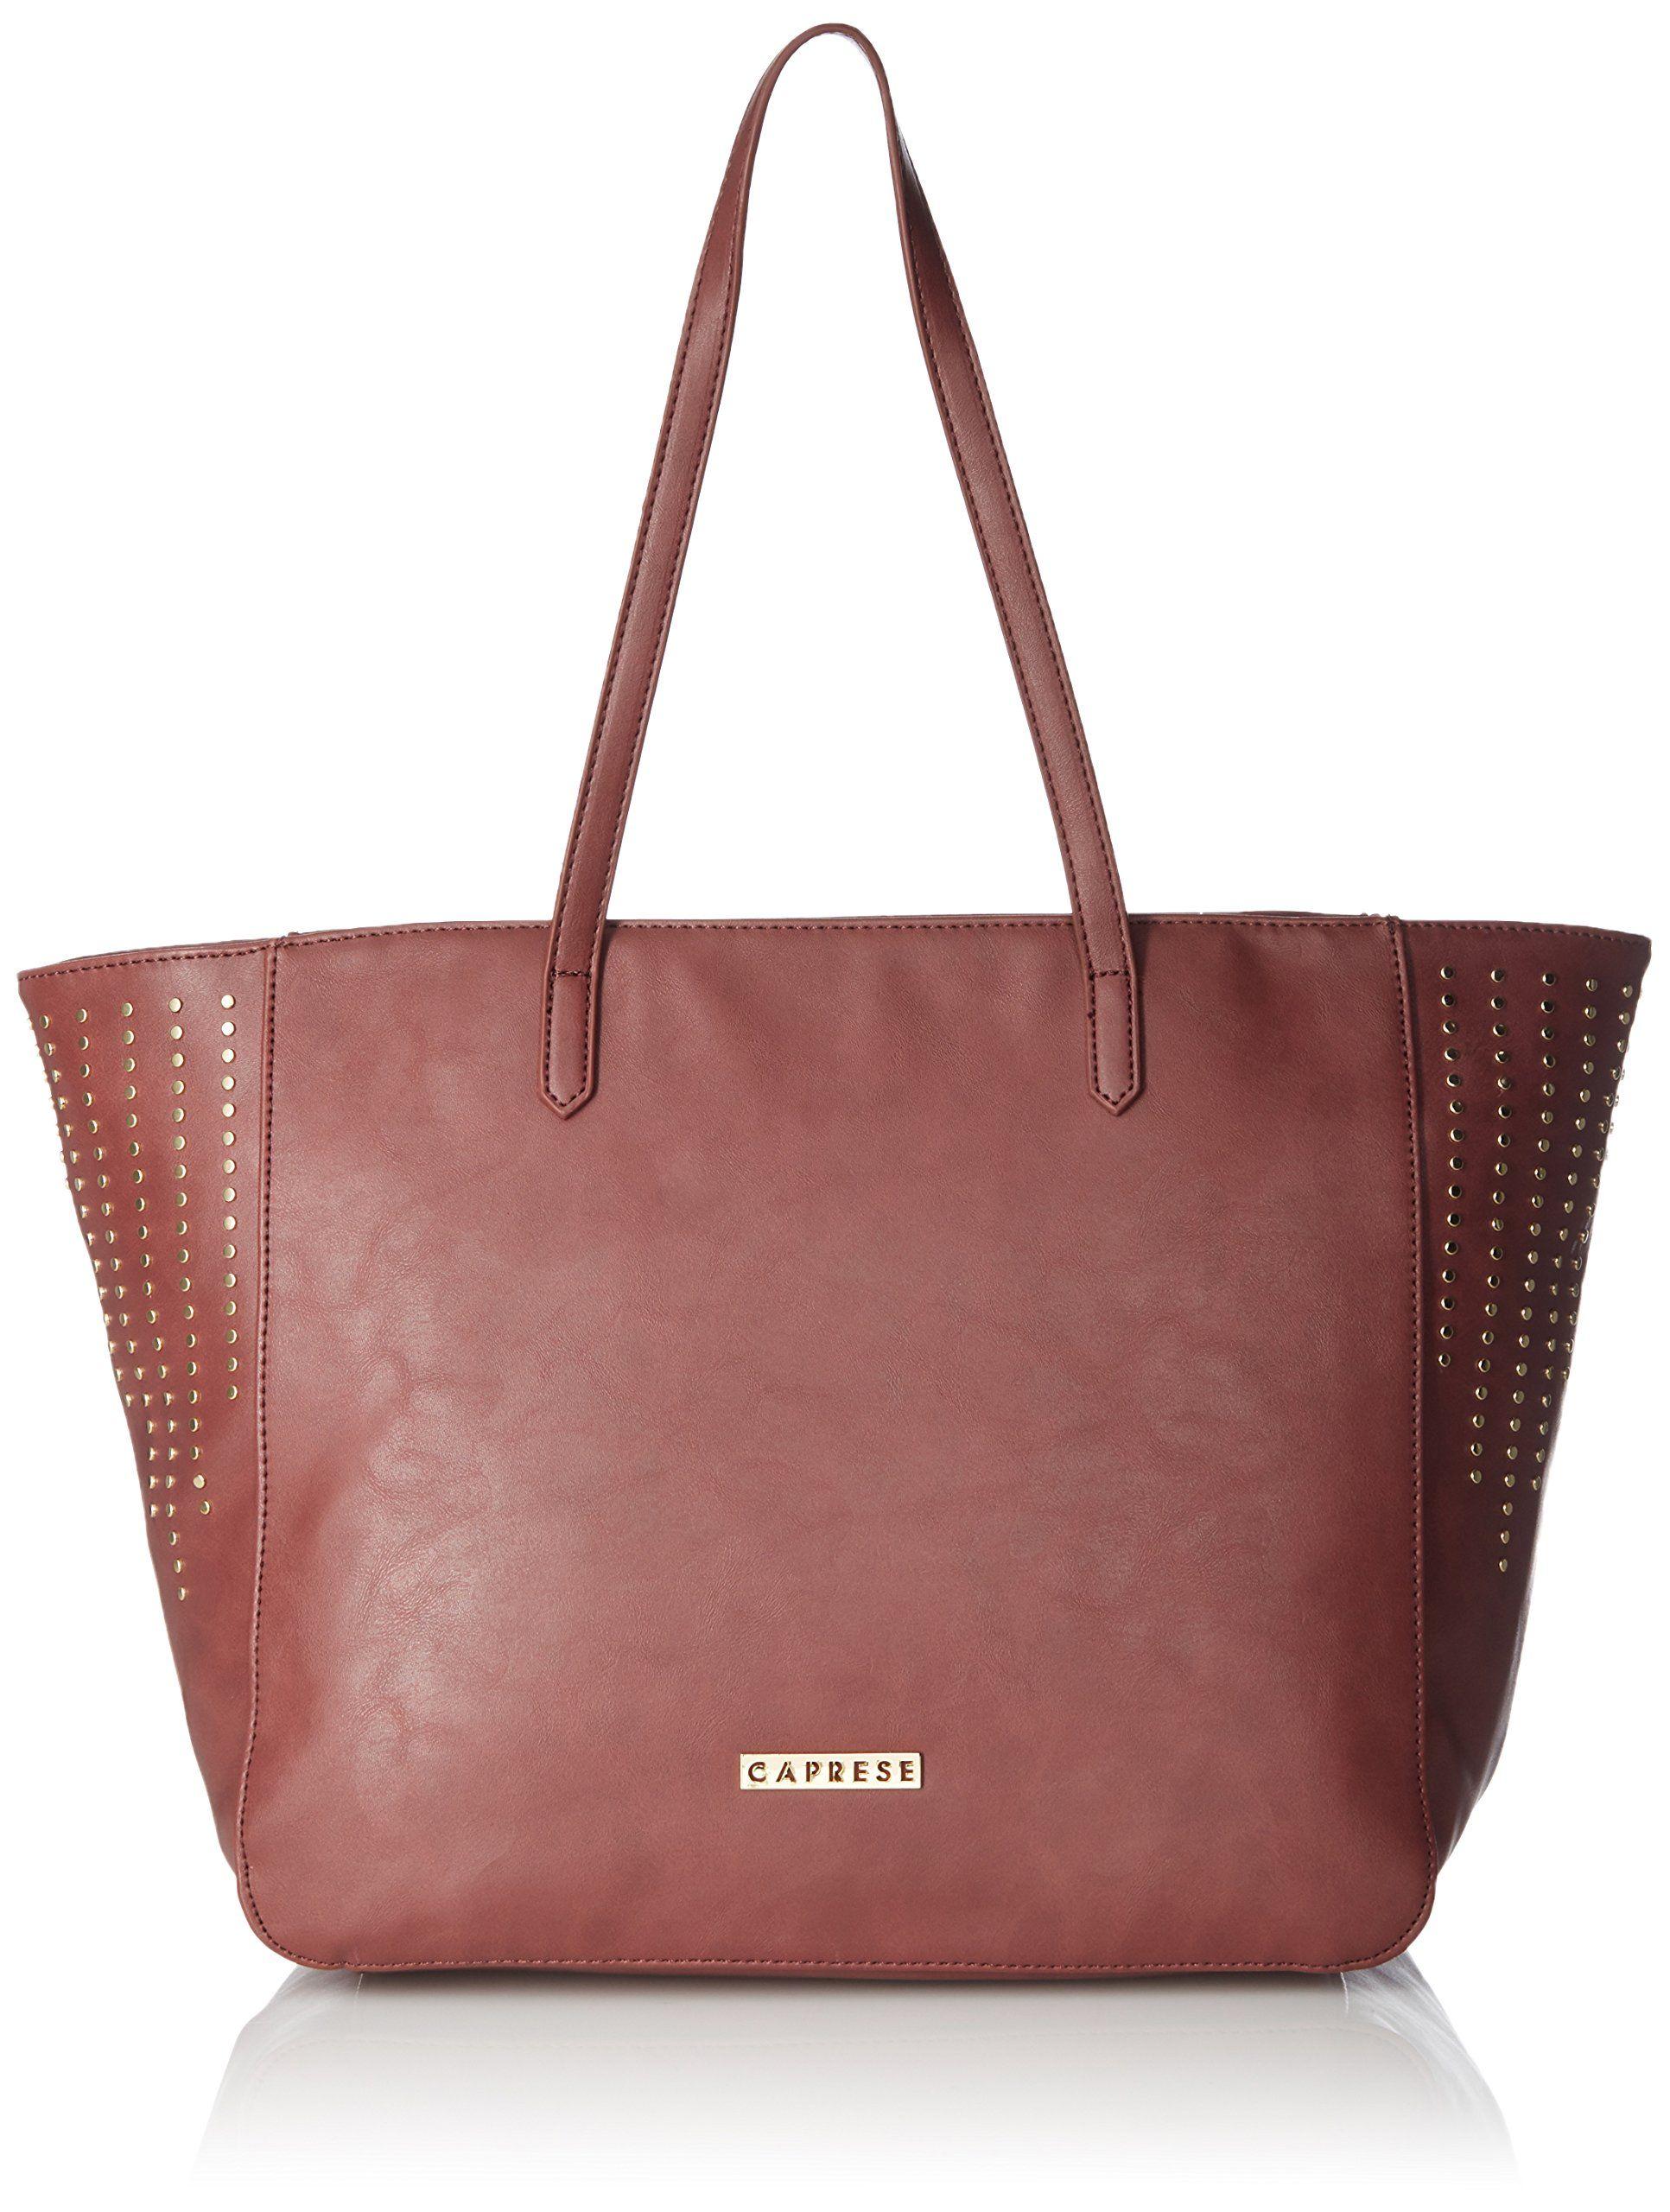 caprese women's tote bag